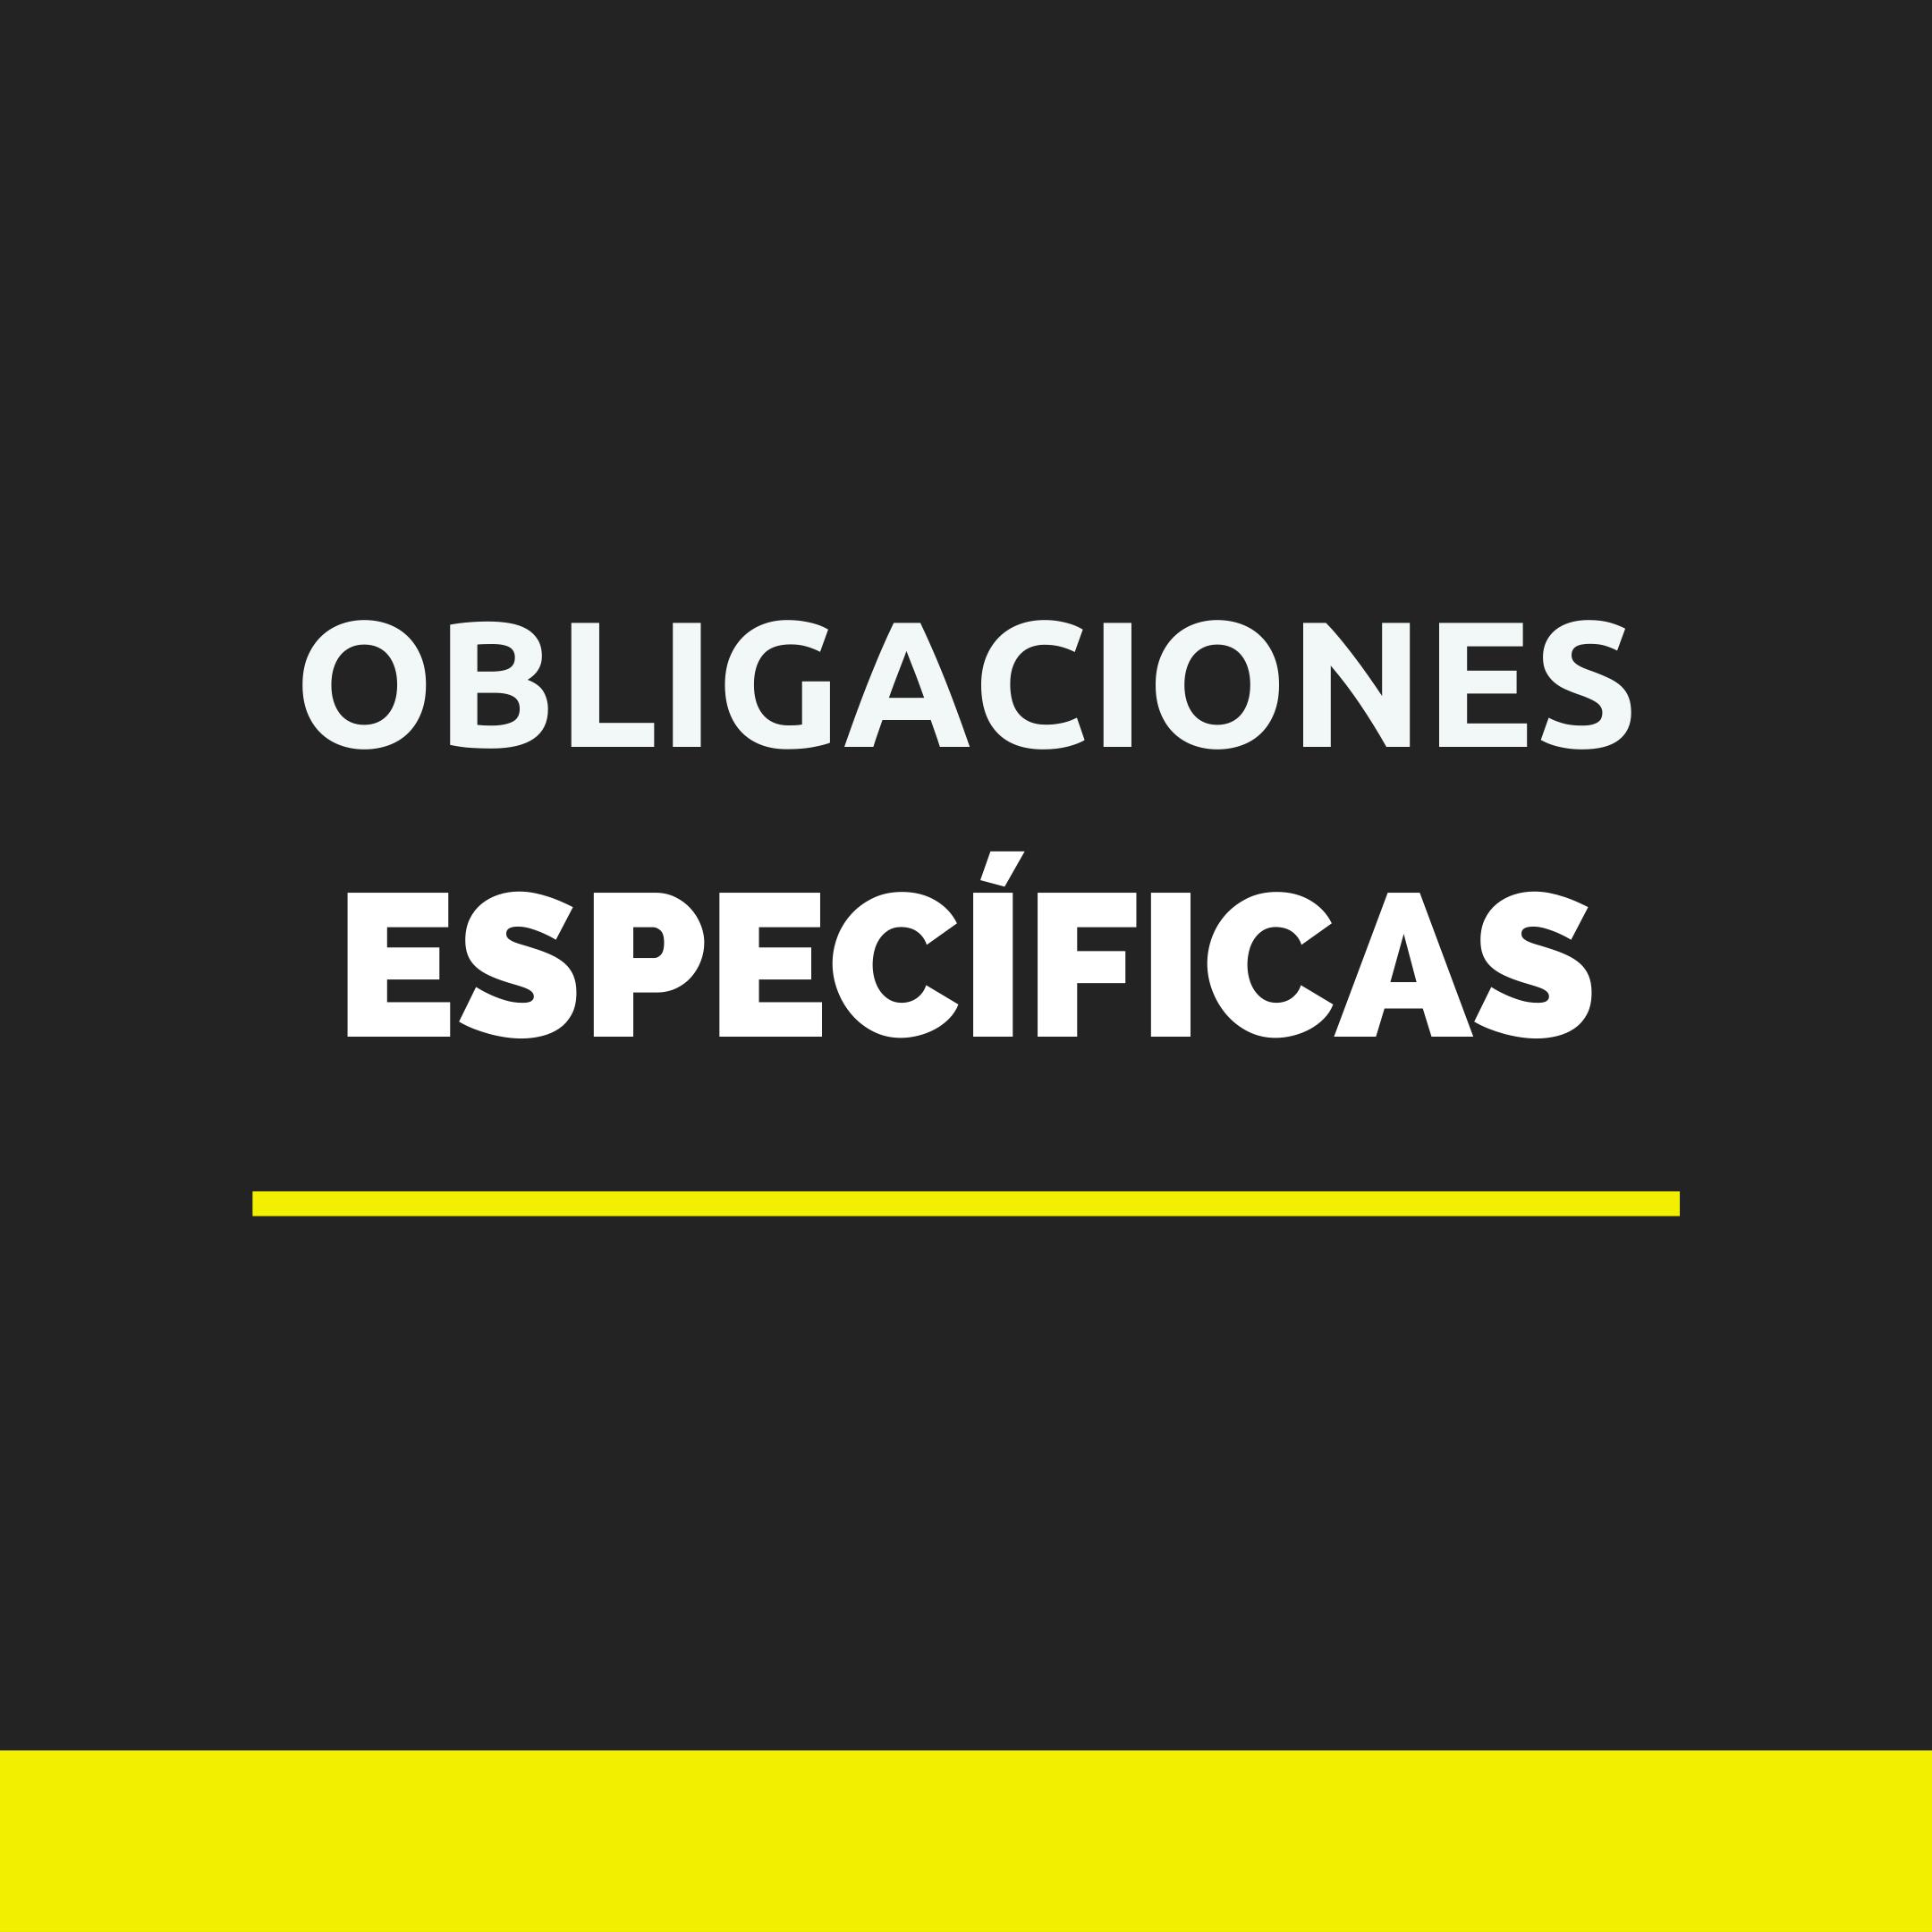 ESPECIFICA